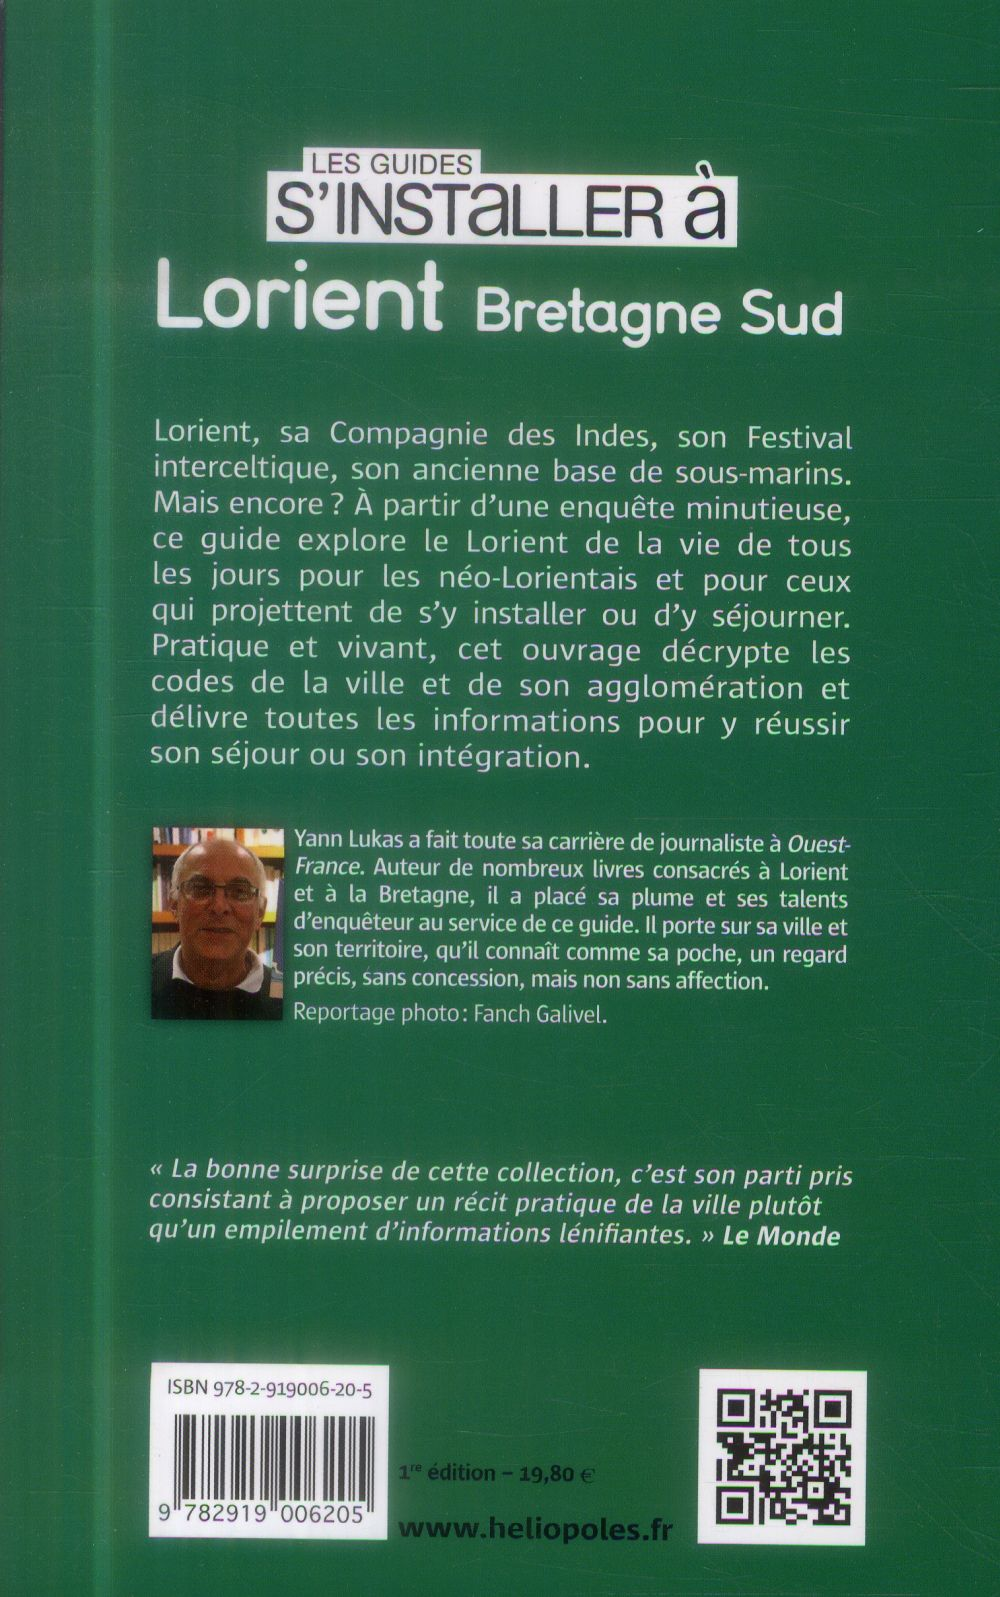 LES GUIDES S'INSTALLER A ; Lorient, Bretagne Sud